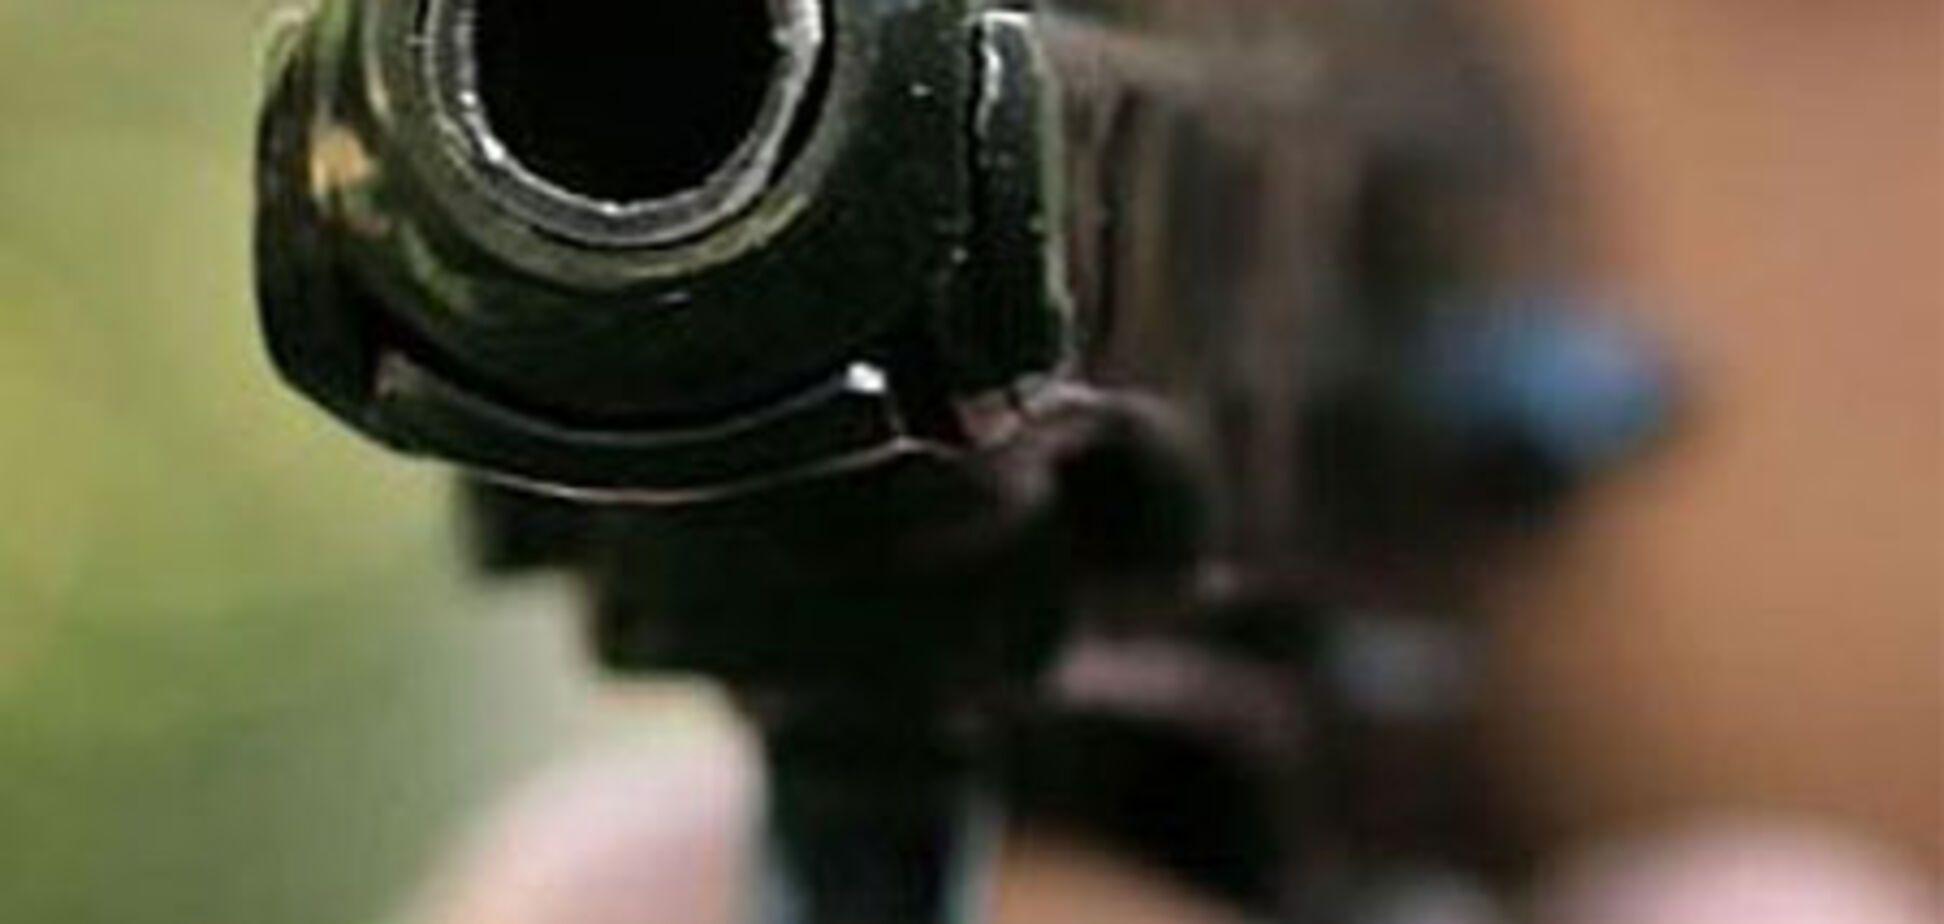 70-літній чоловік застрелив братів, свою дружину і себе